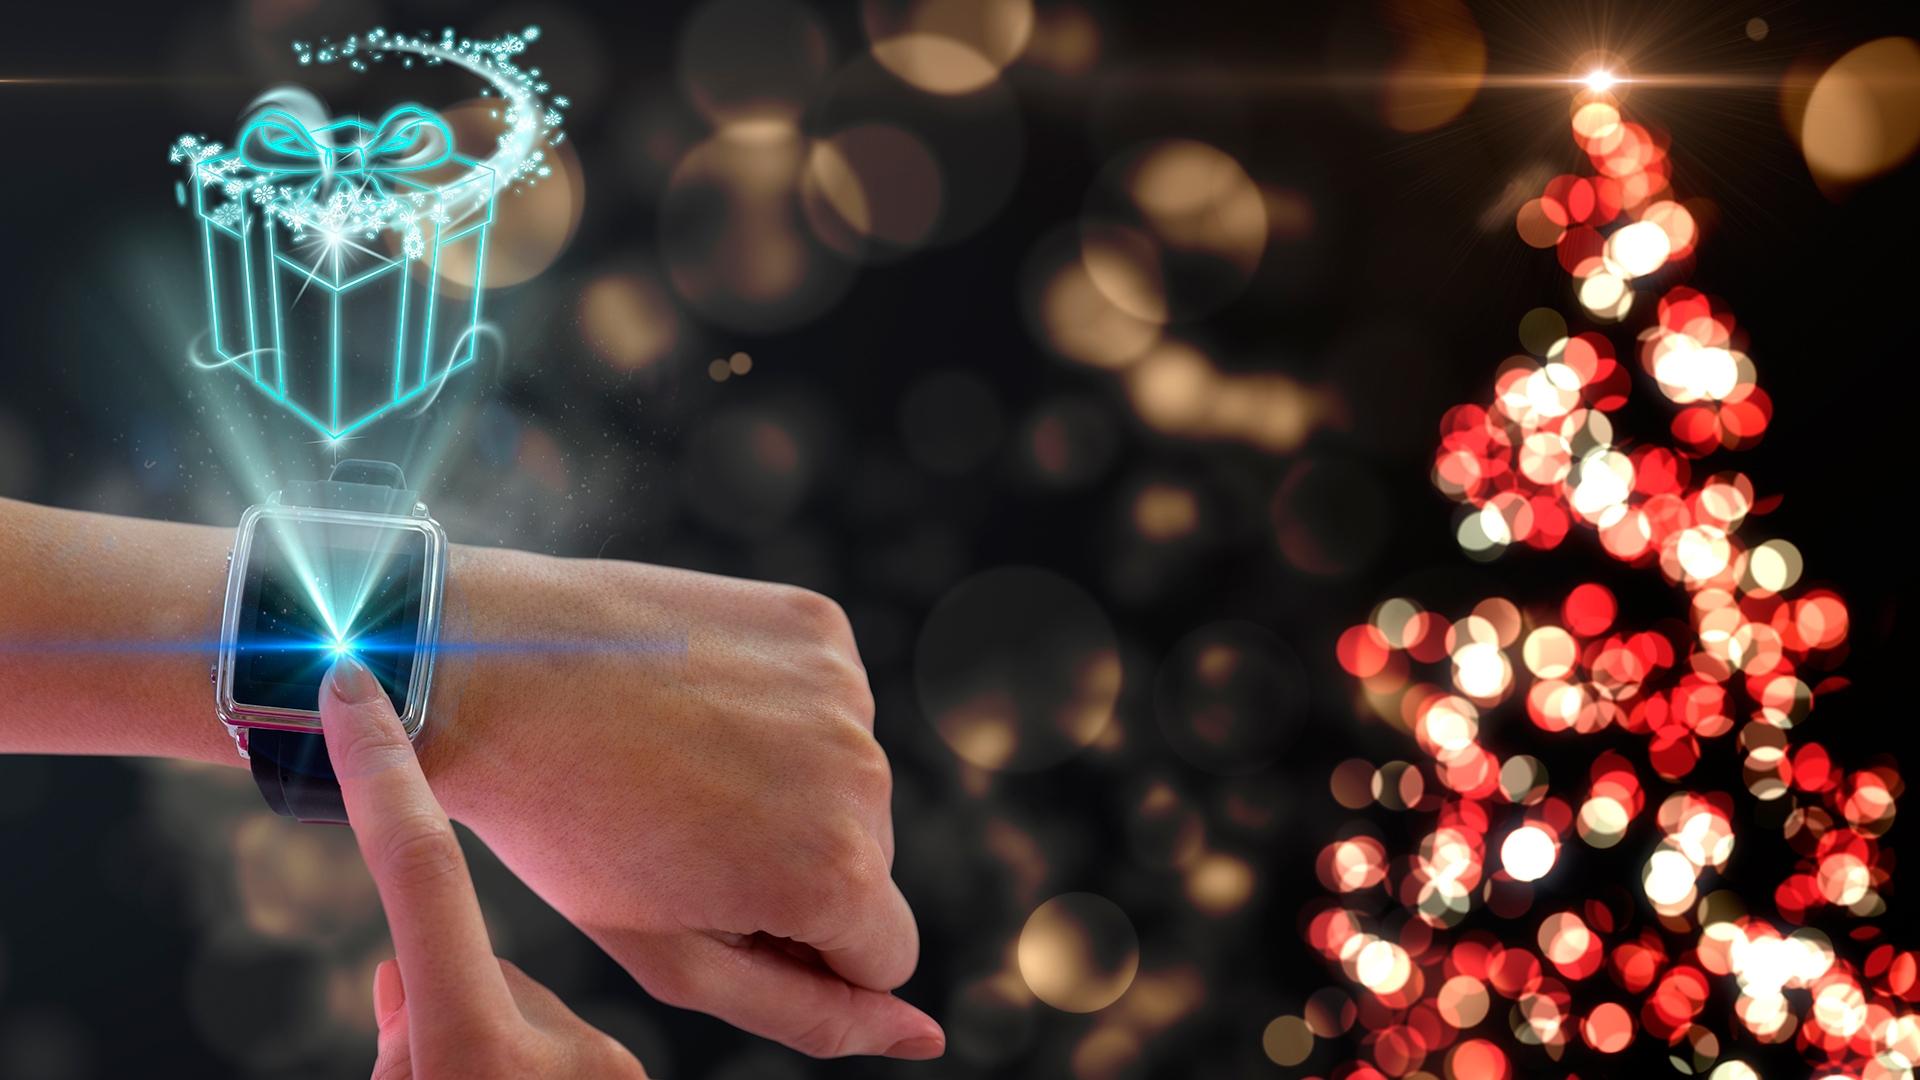 El reloj, un acierto para esta Navidad